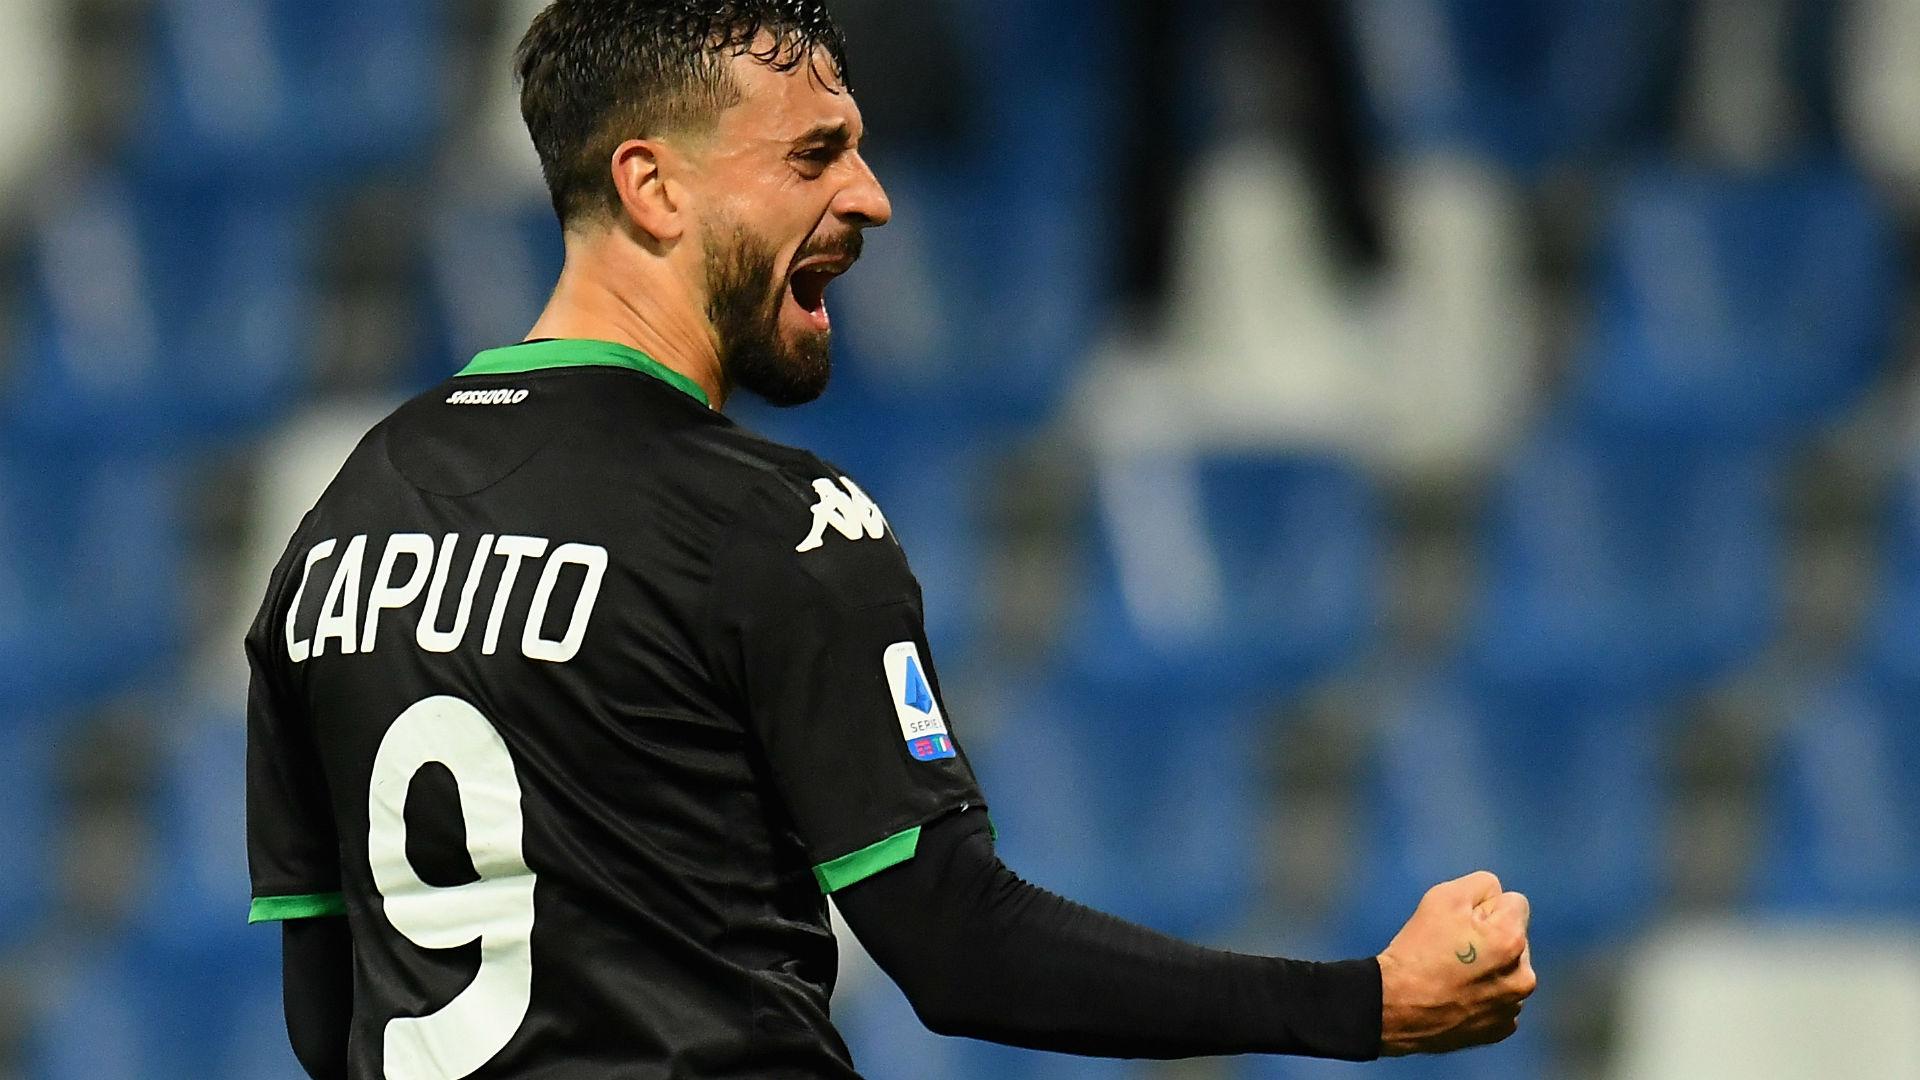 Das Märchen des Francesco Caputo: 9. Liga, in der Serie A gescheitert - und  mit 31 plötzlich zurück | Goal.com